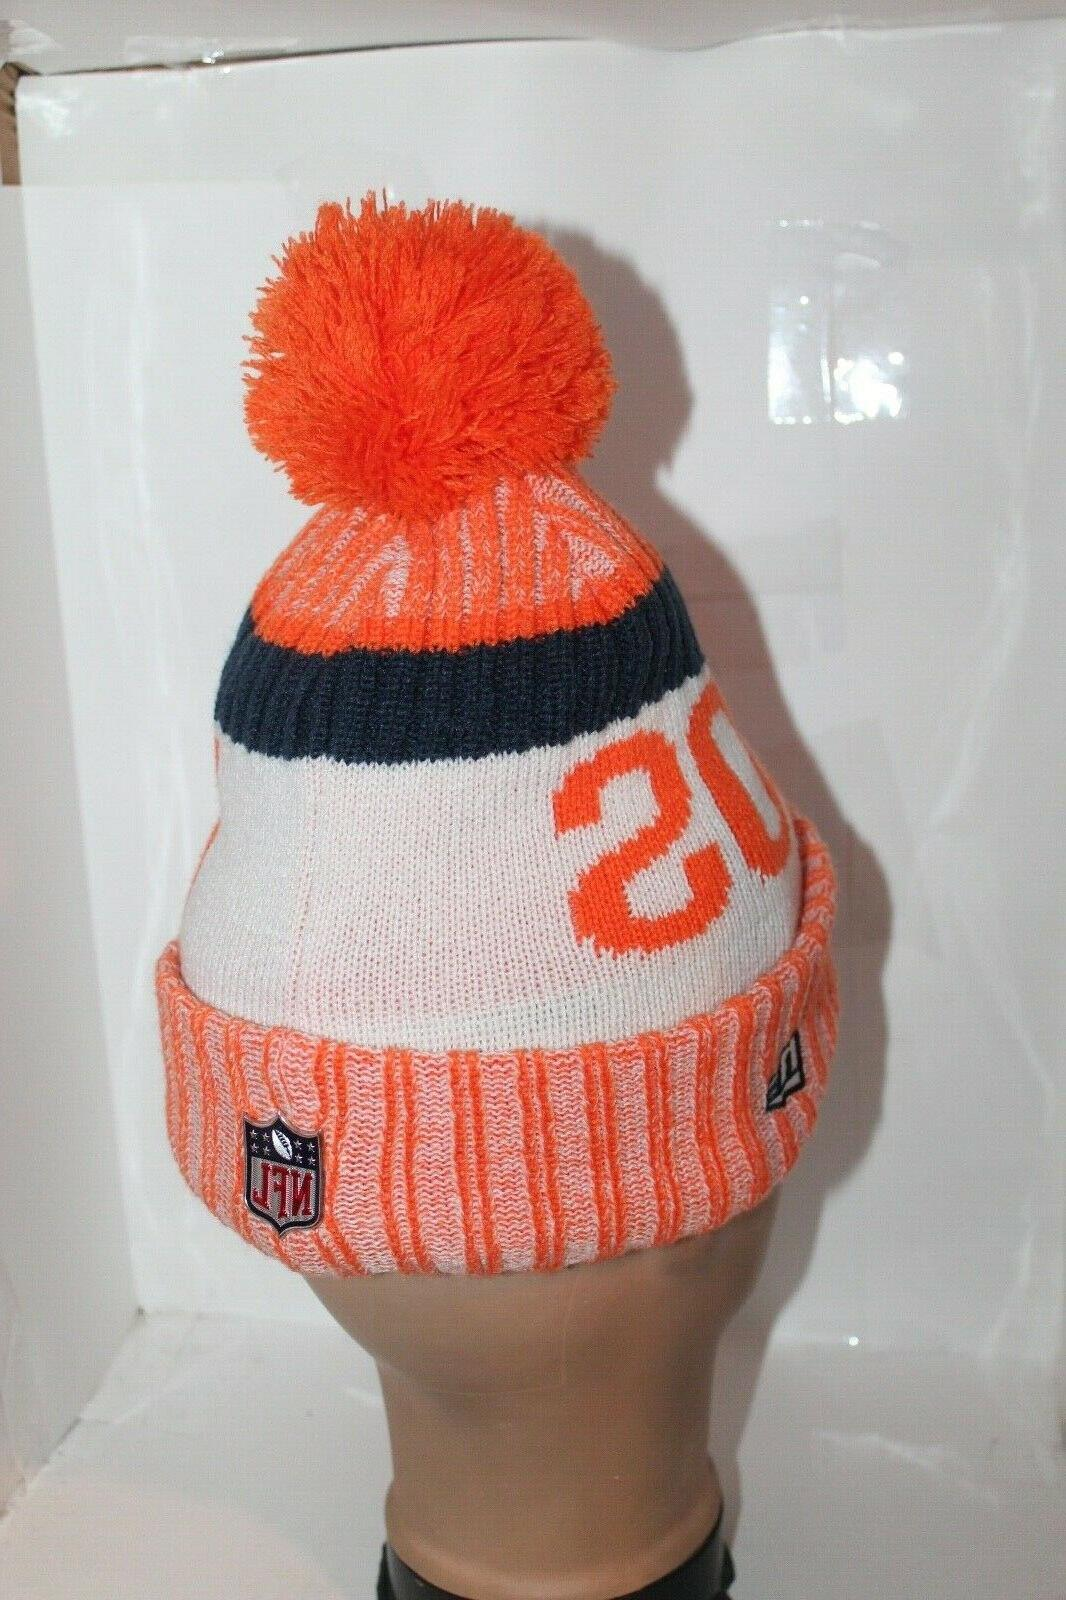 Denver Broncos NFL Era Official Beanie Cuffed $ NEW